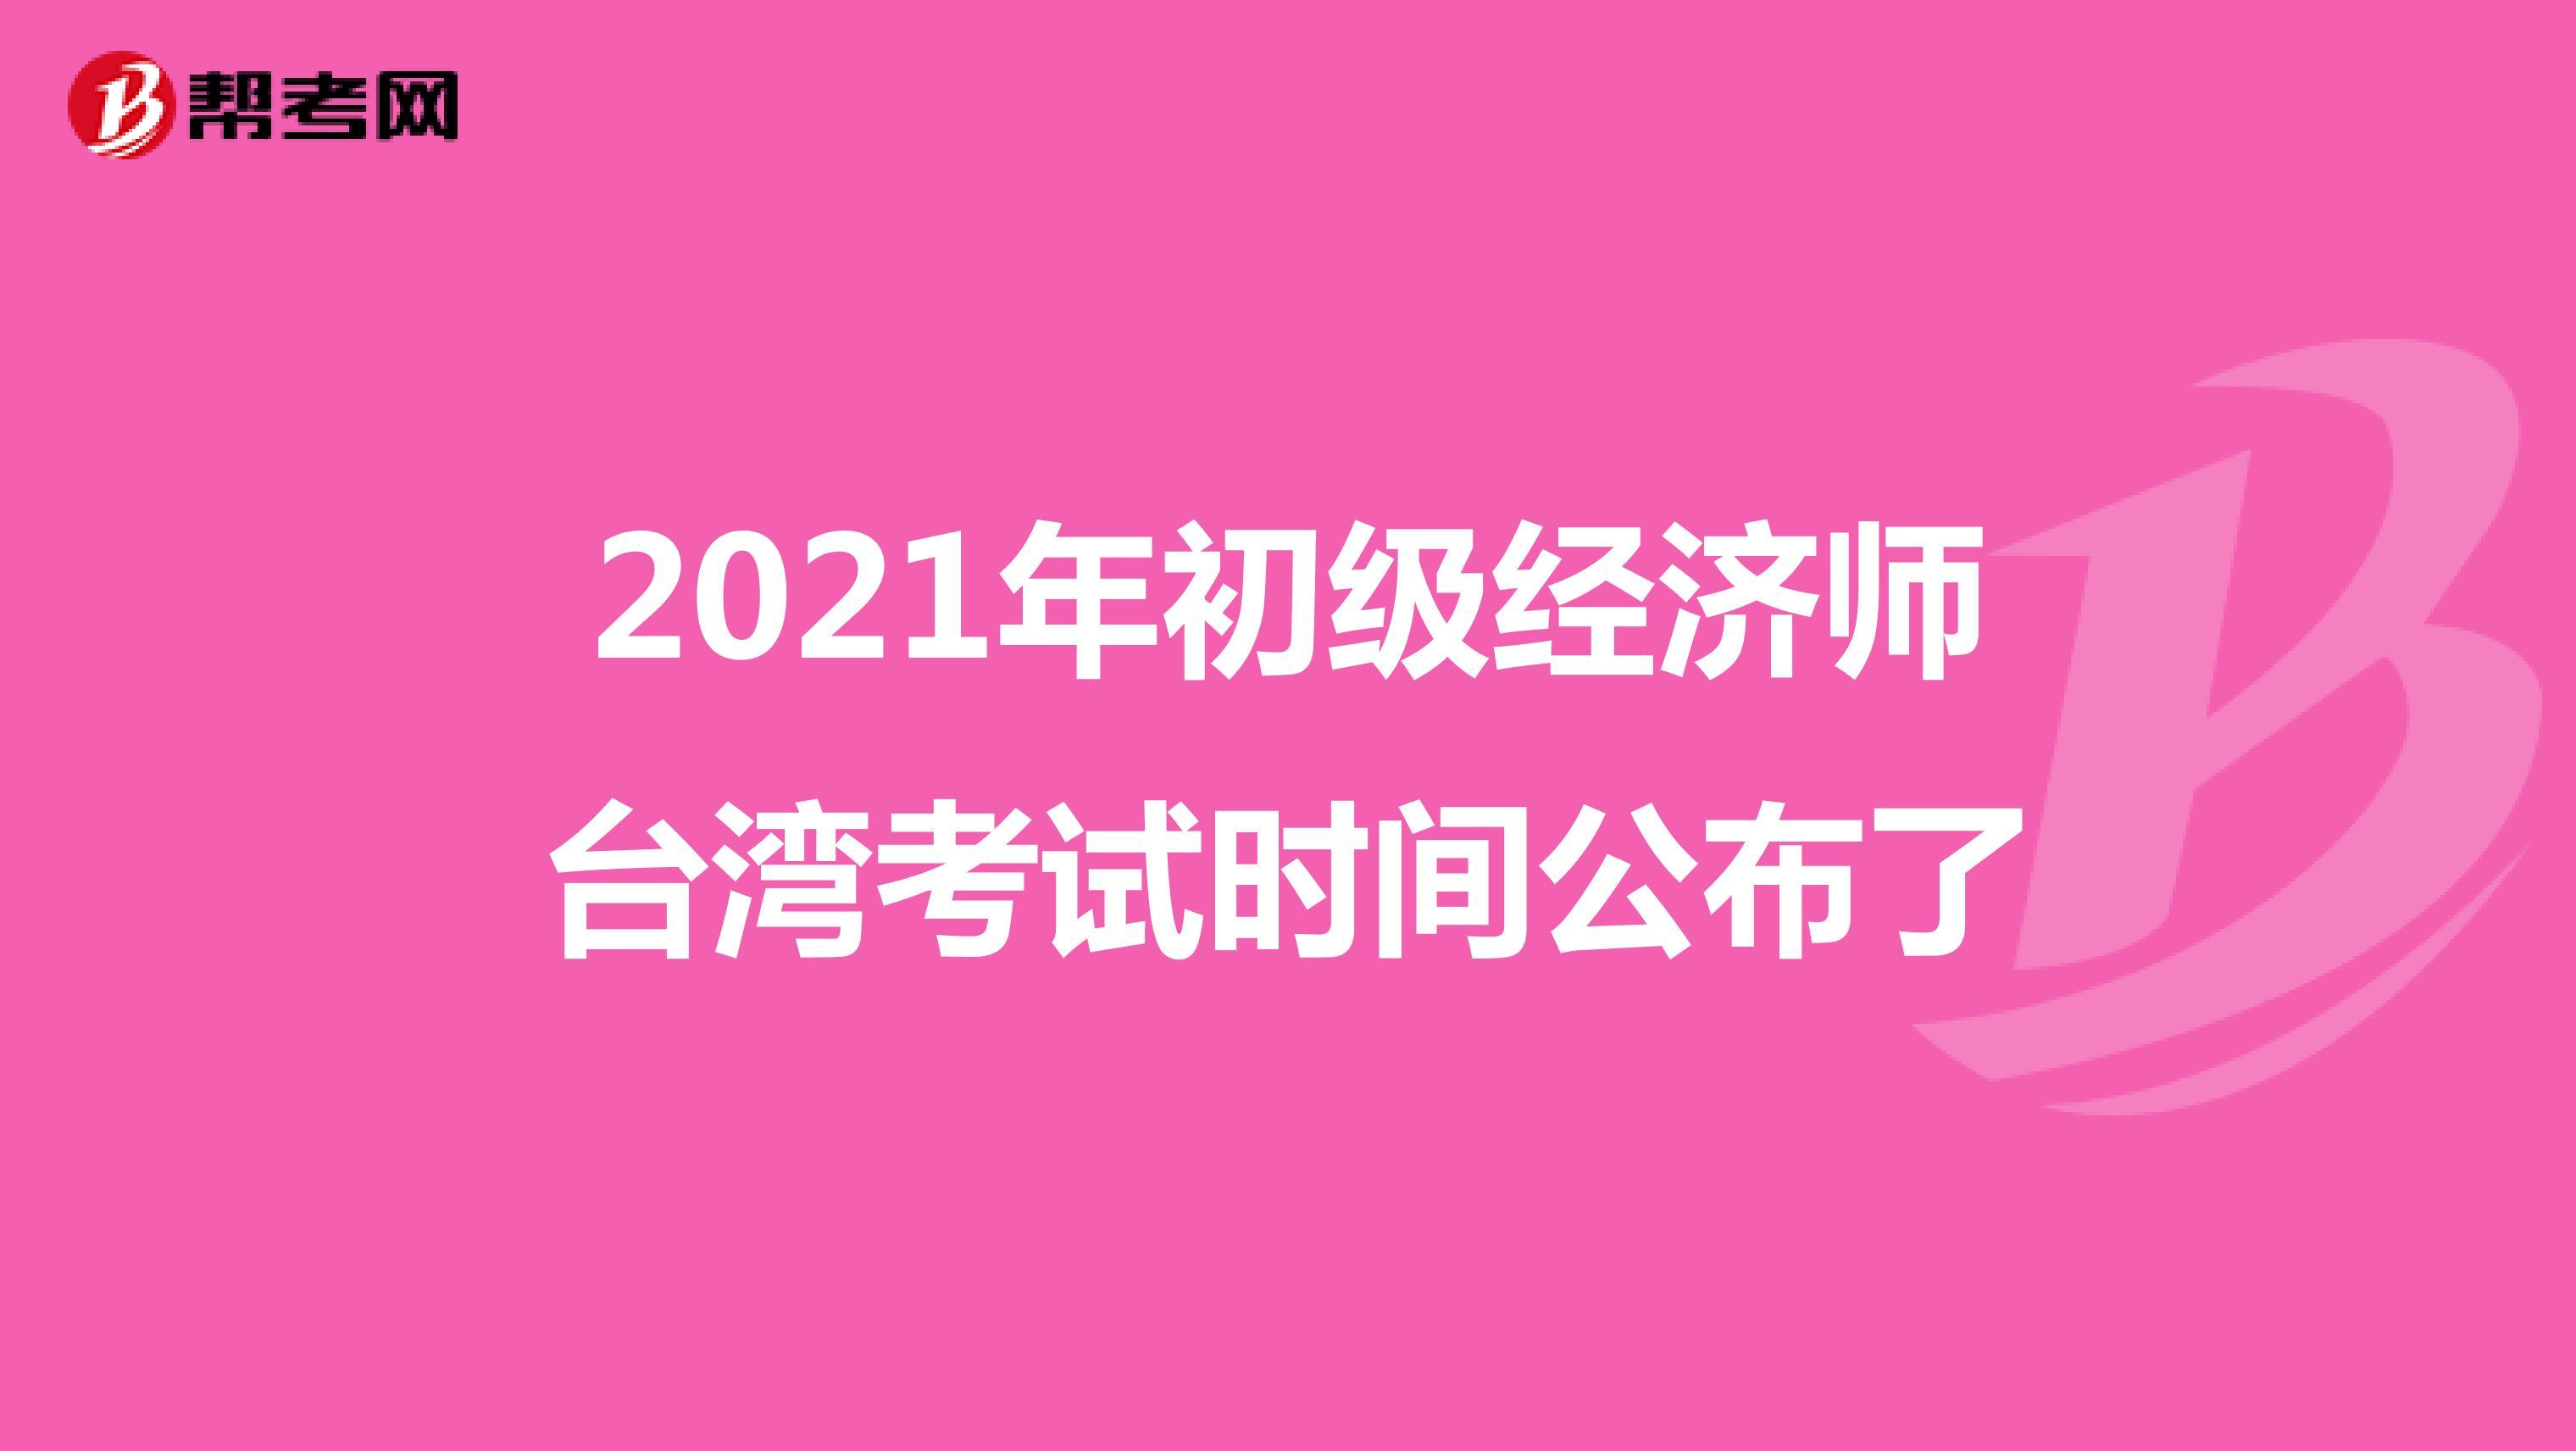 2021年初级经济师台湾考试时间公布了